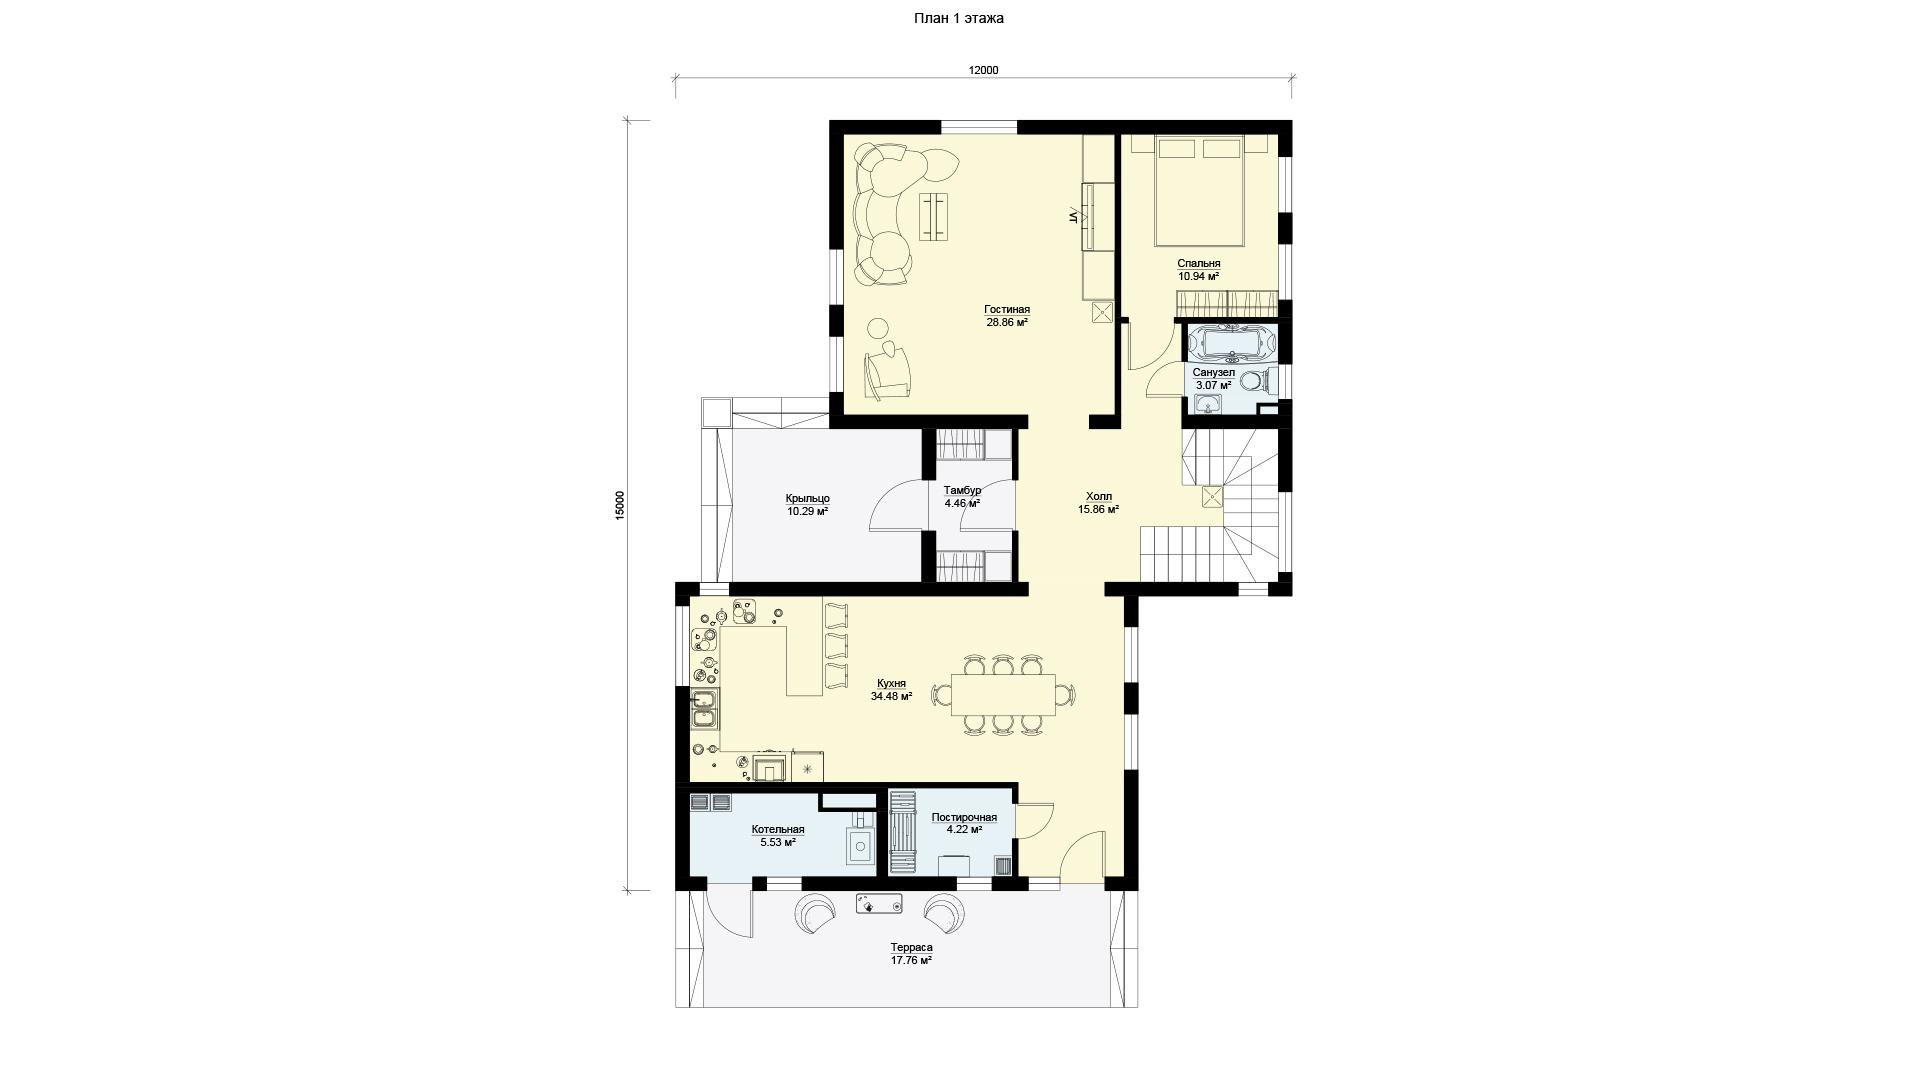 План первого этажа двухэтажного шестикомнатного дома с террасой и балконом, проект БЭНПАН МС-296.